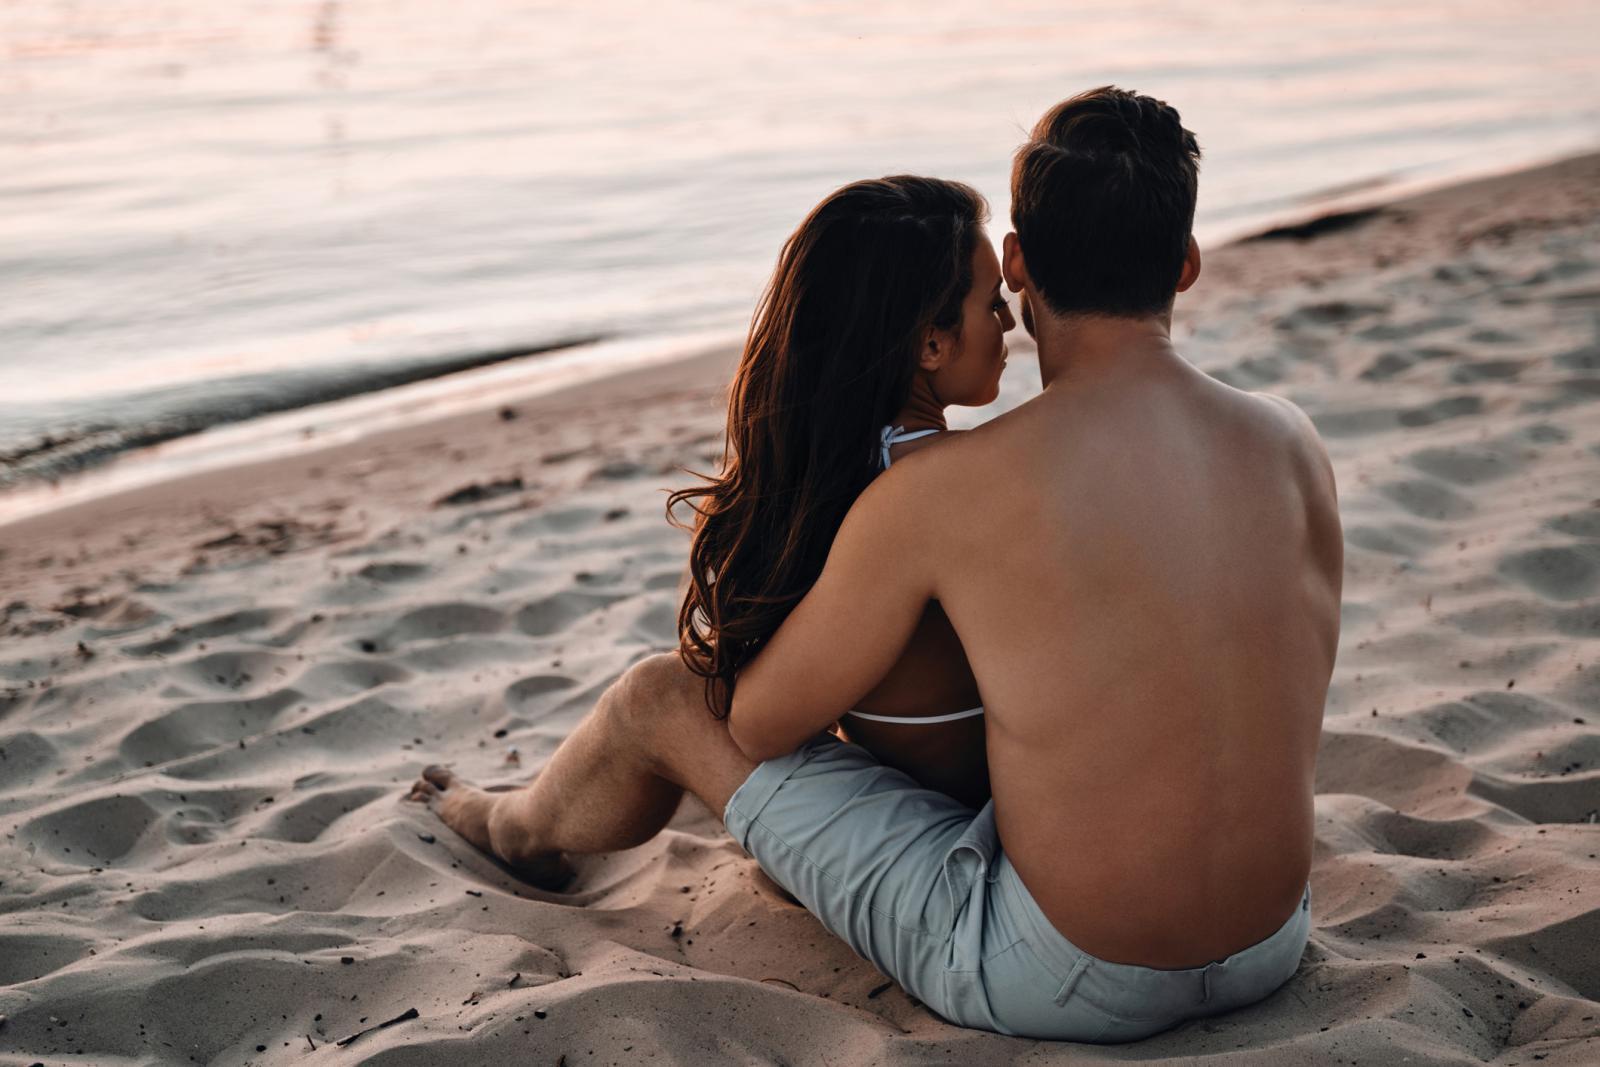 Ljudi često varaju svoje partnere upravo zato jer im nedostaje uzbuđenje i intimnost u odnosu pa to odluče potražiti negdje drugdje...